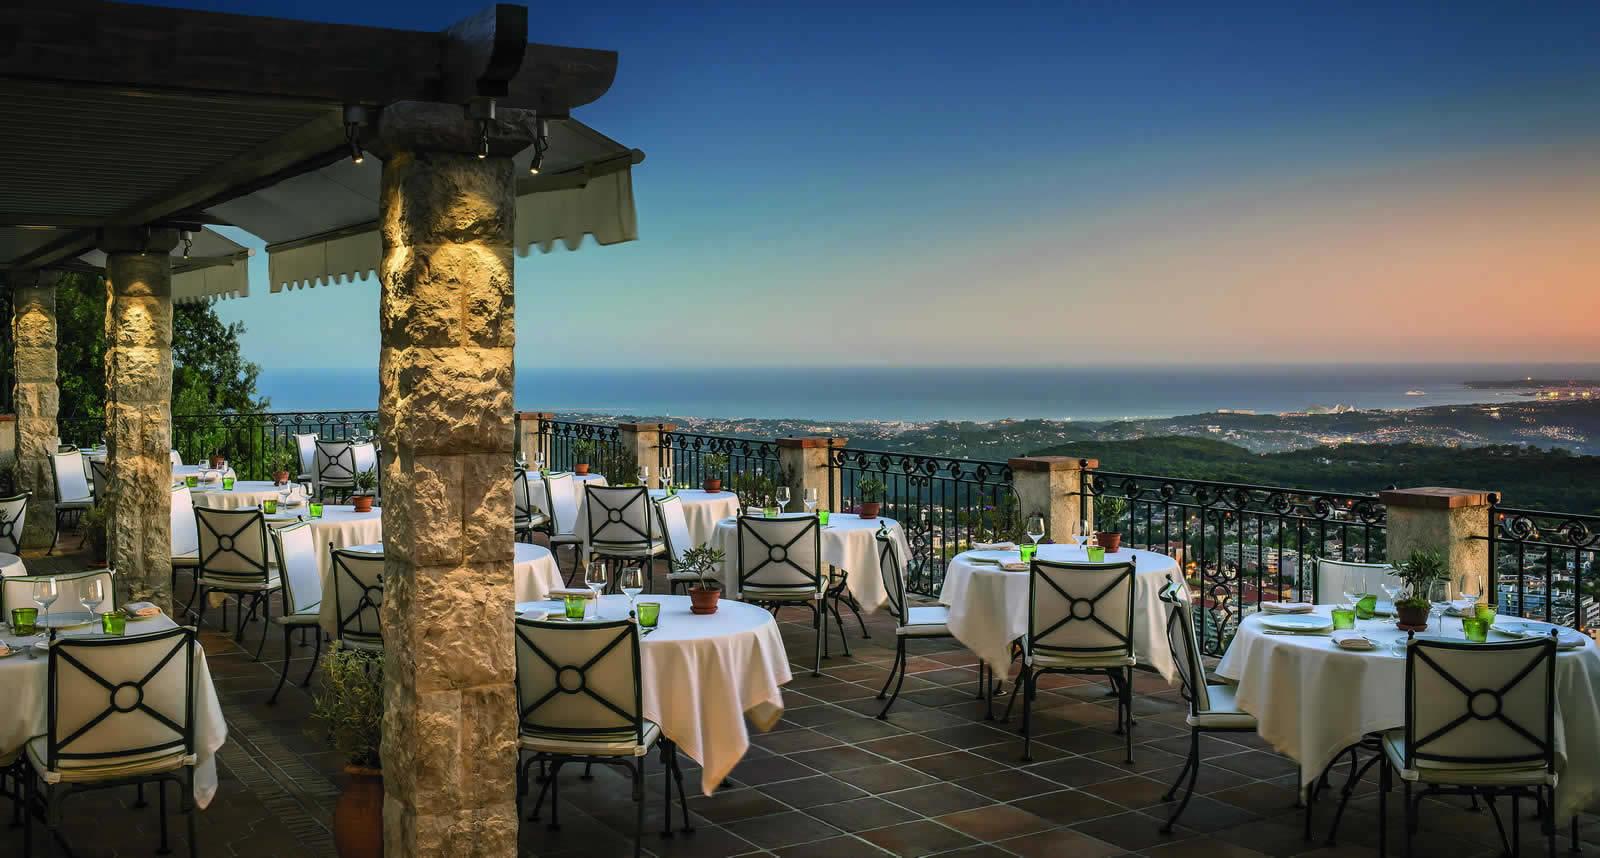 chateau-saint-martin-spa-restaurant-gastronomique-cuisine-raffinee-jean-luc-lefrancois